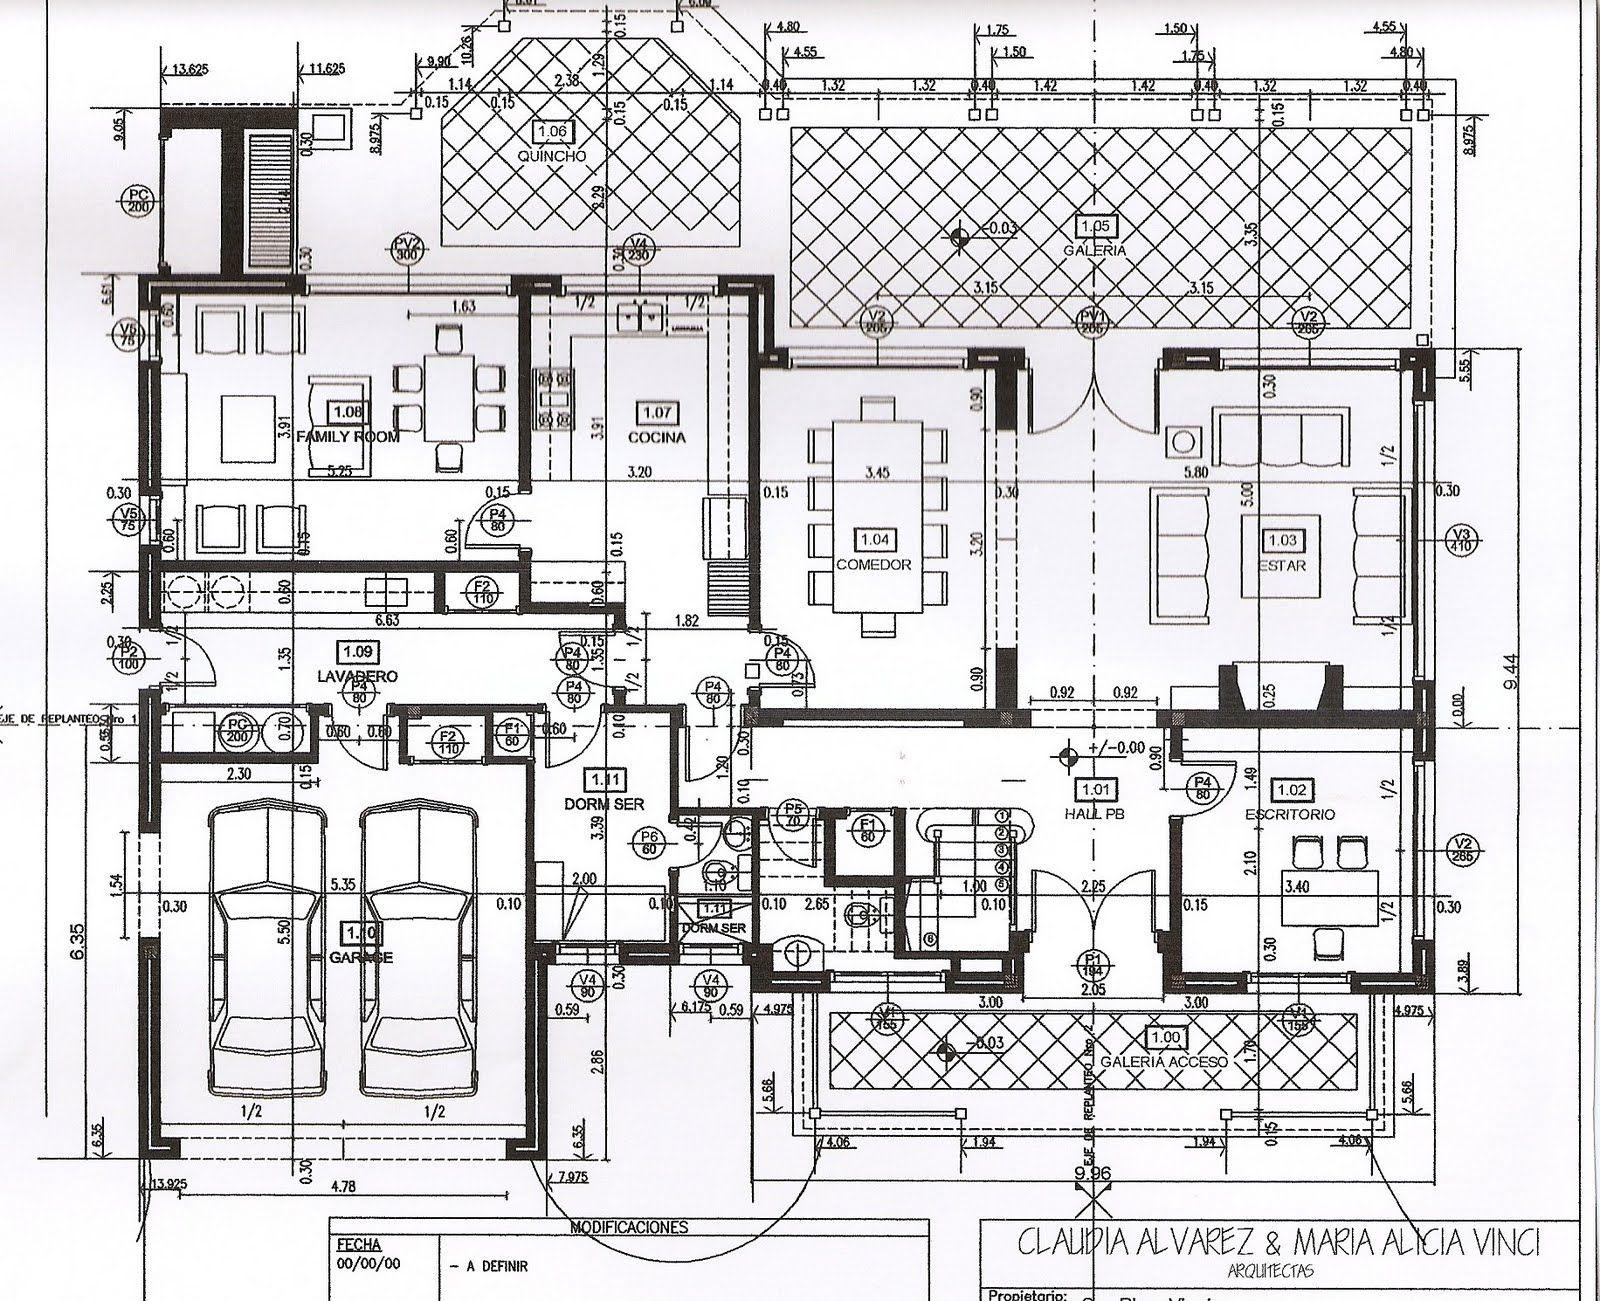 planos de casas nordelta